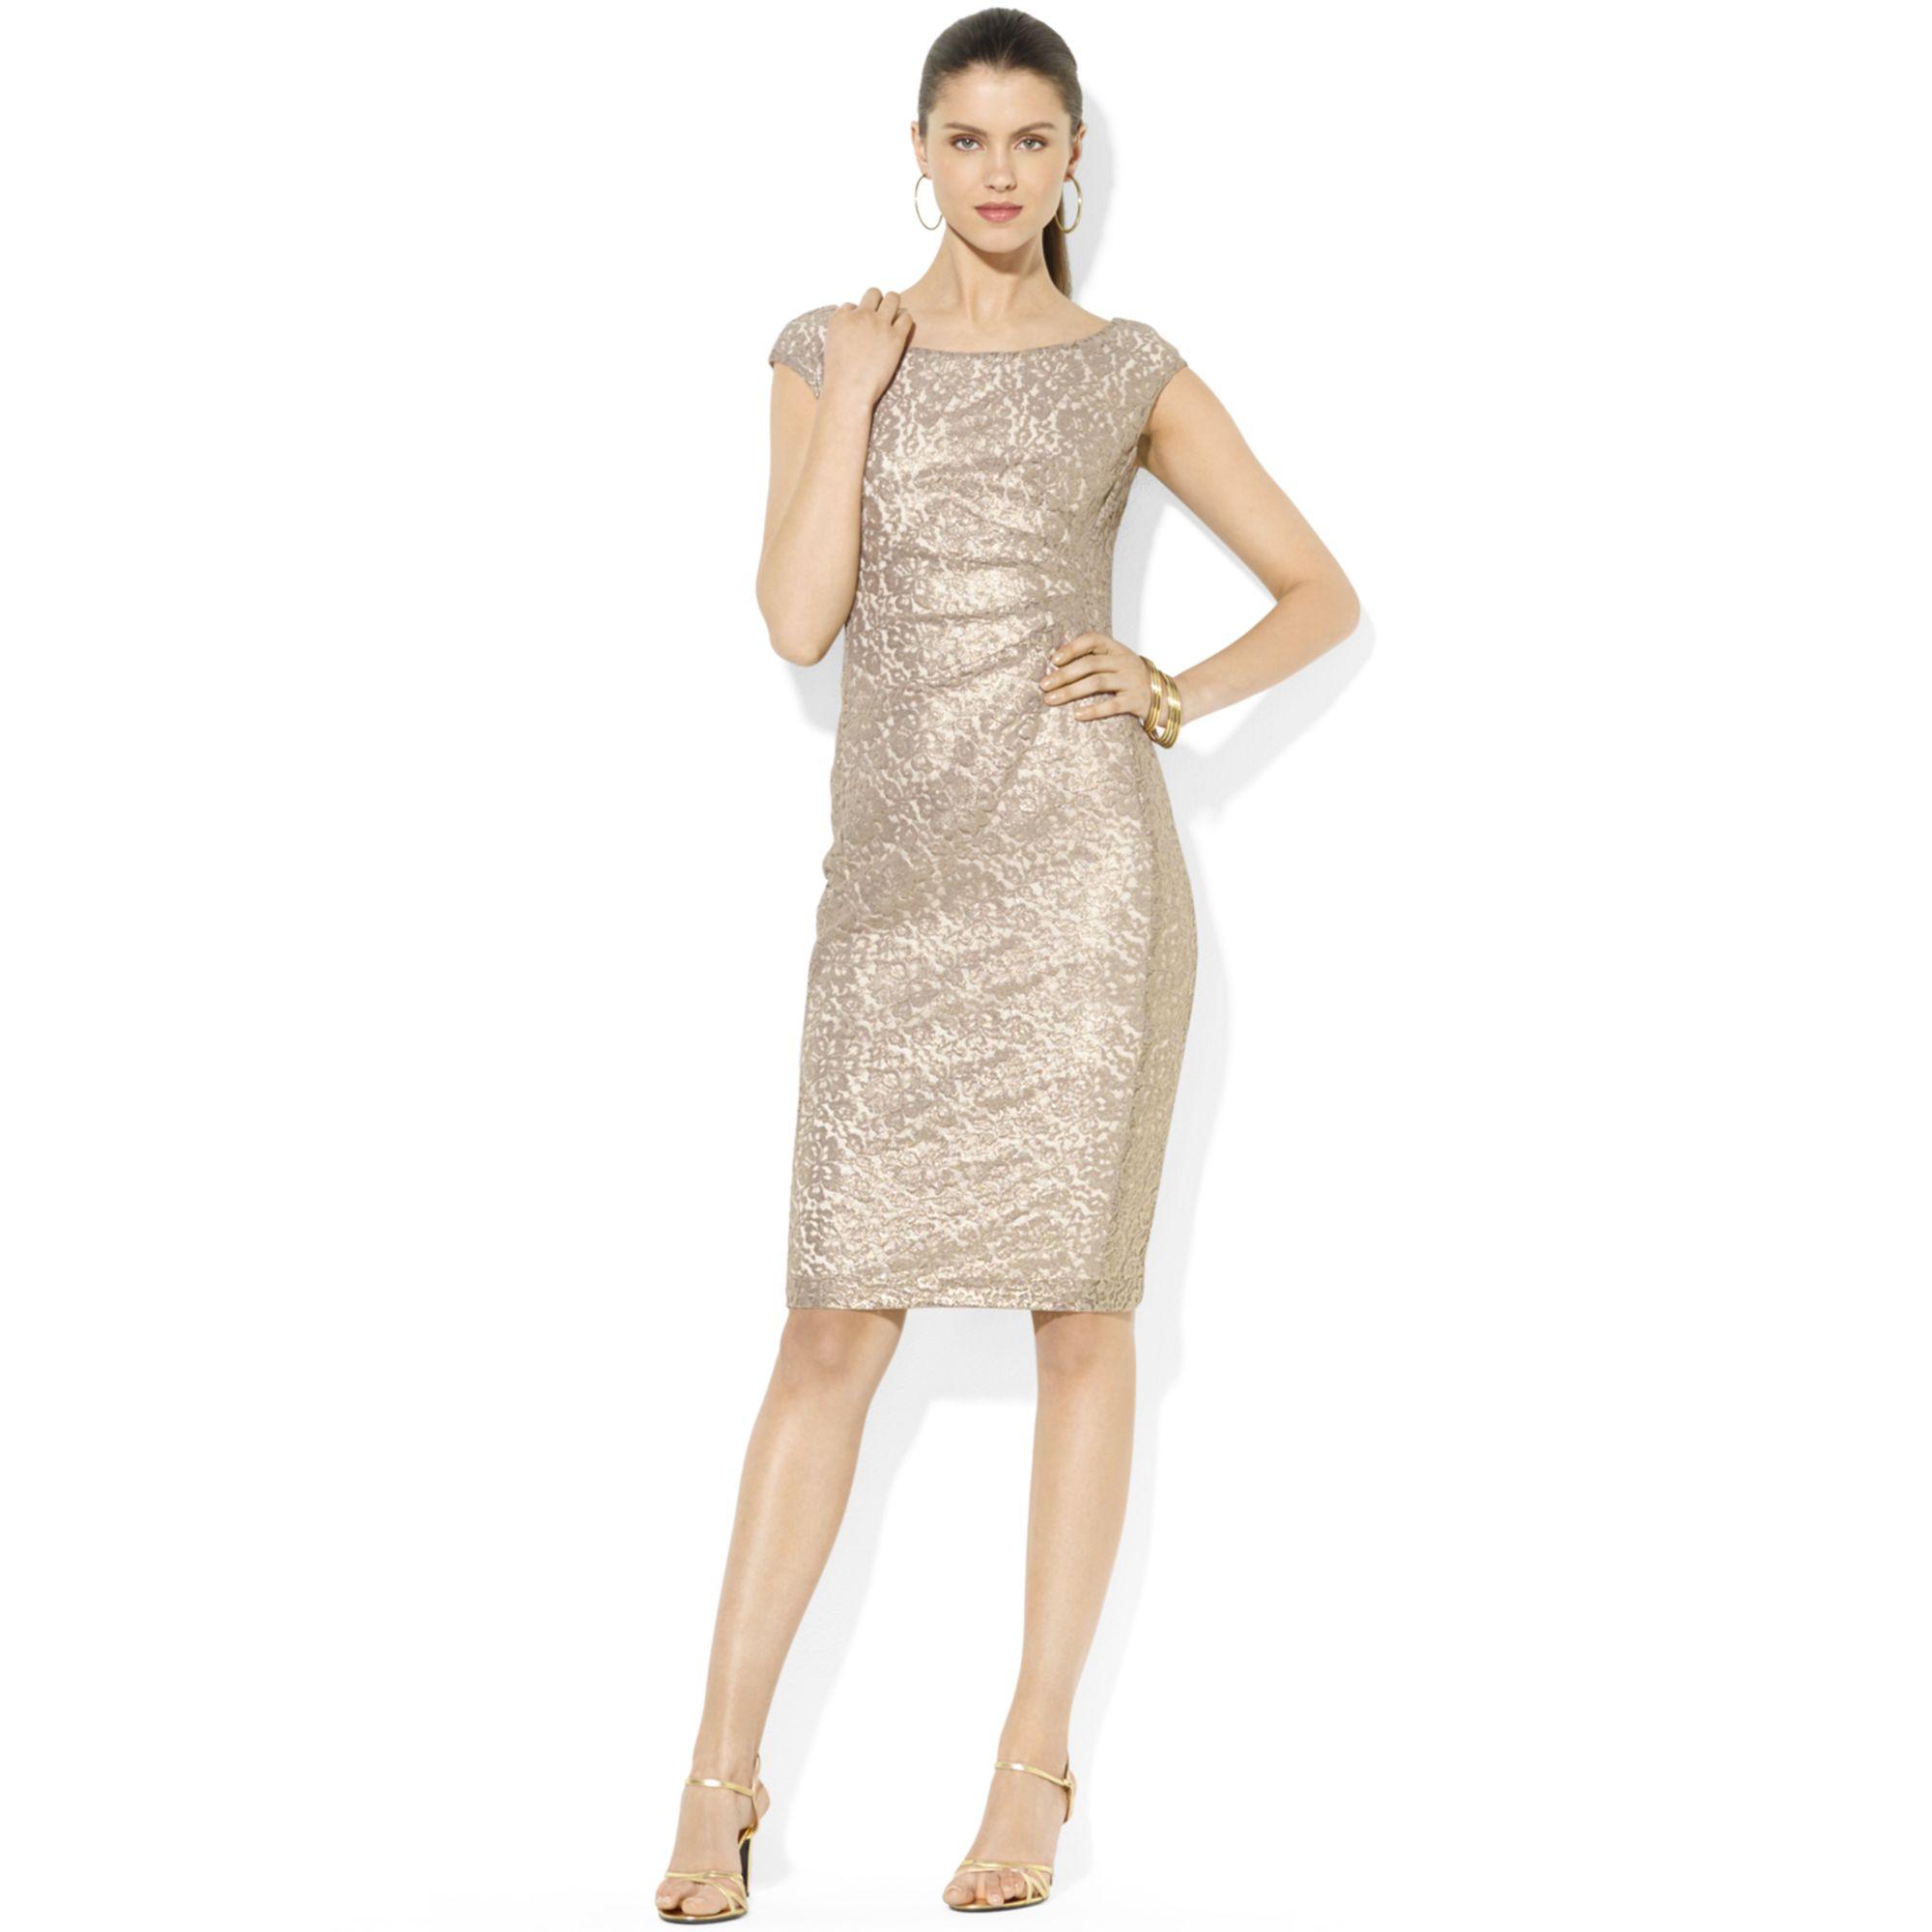 Dress lace gold floral